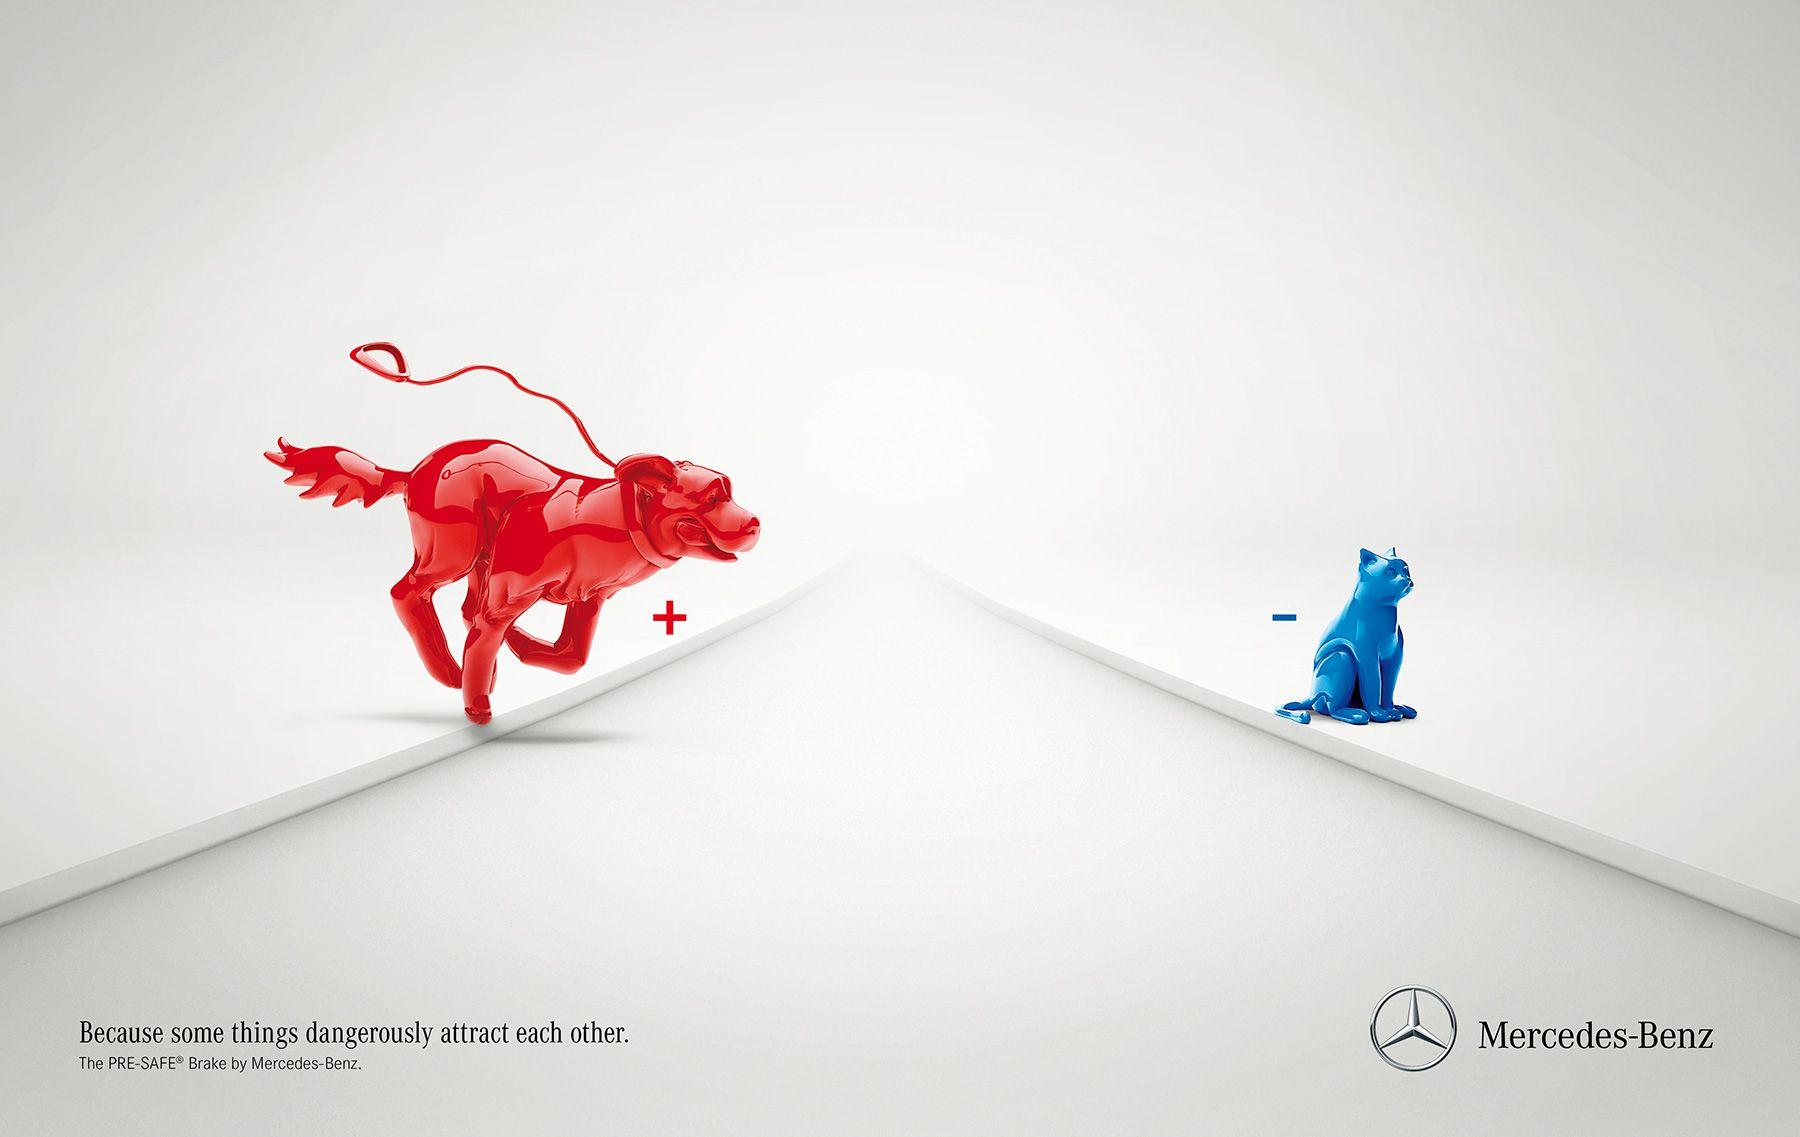 Mercedes-Benz: Pre-safe brake